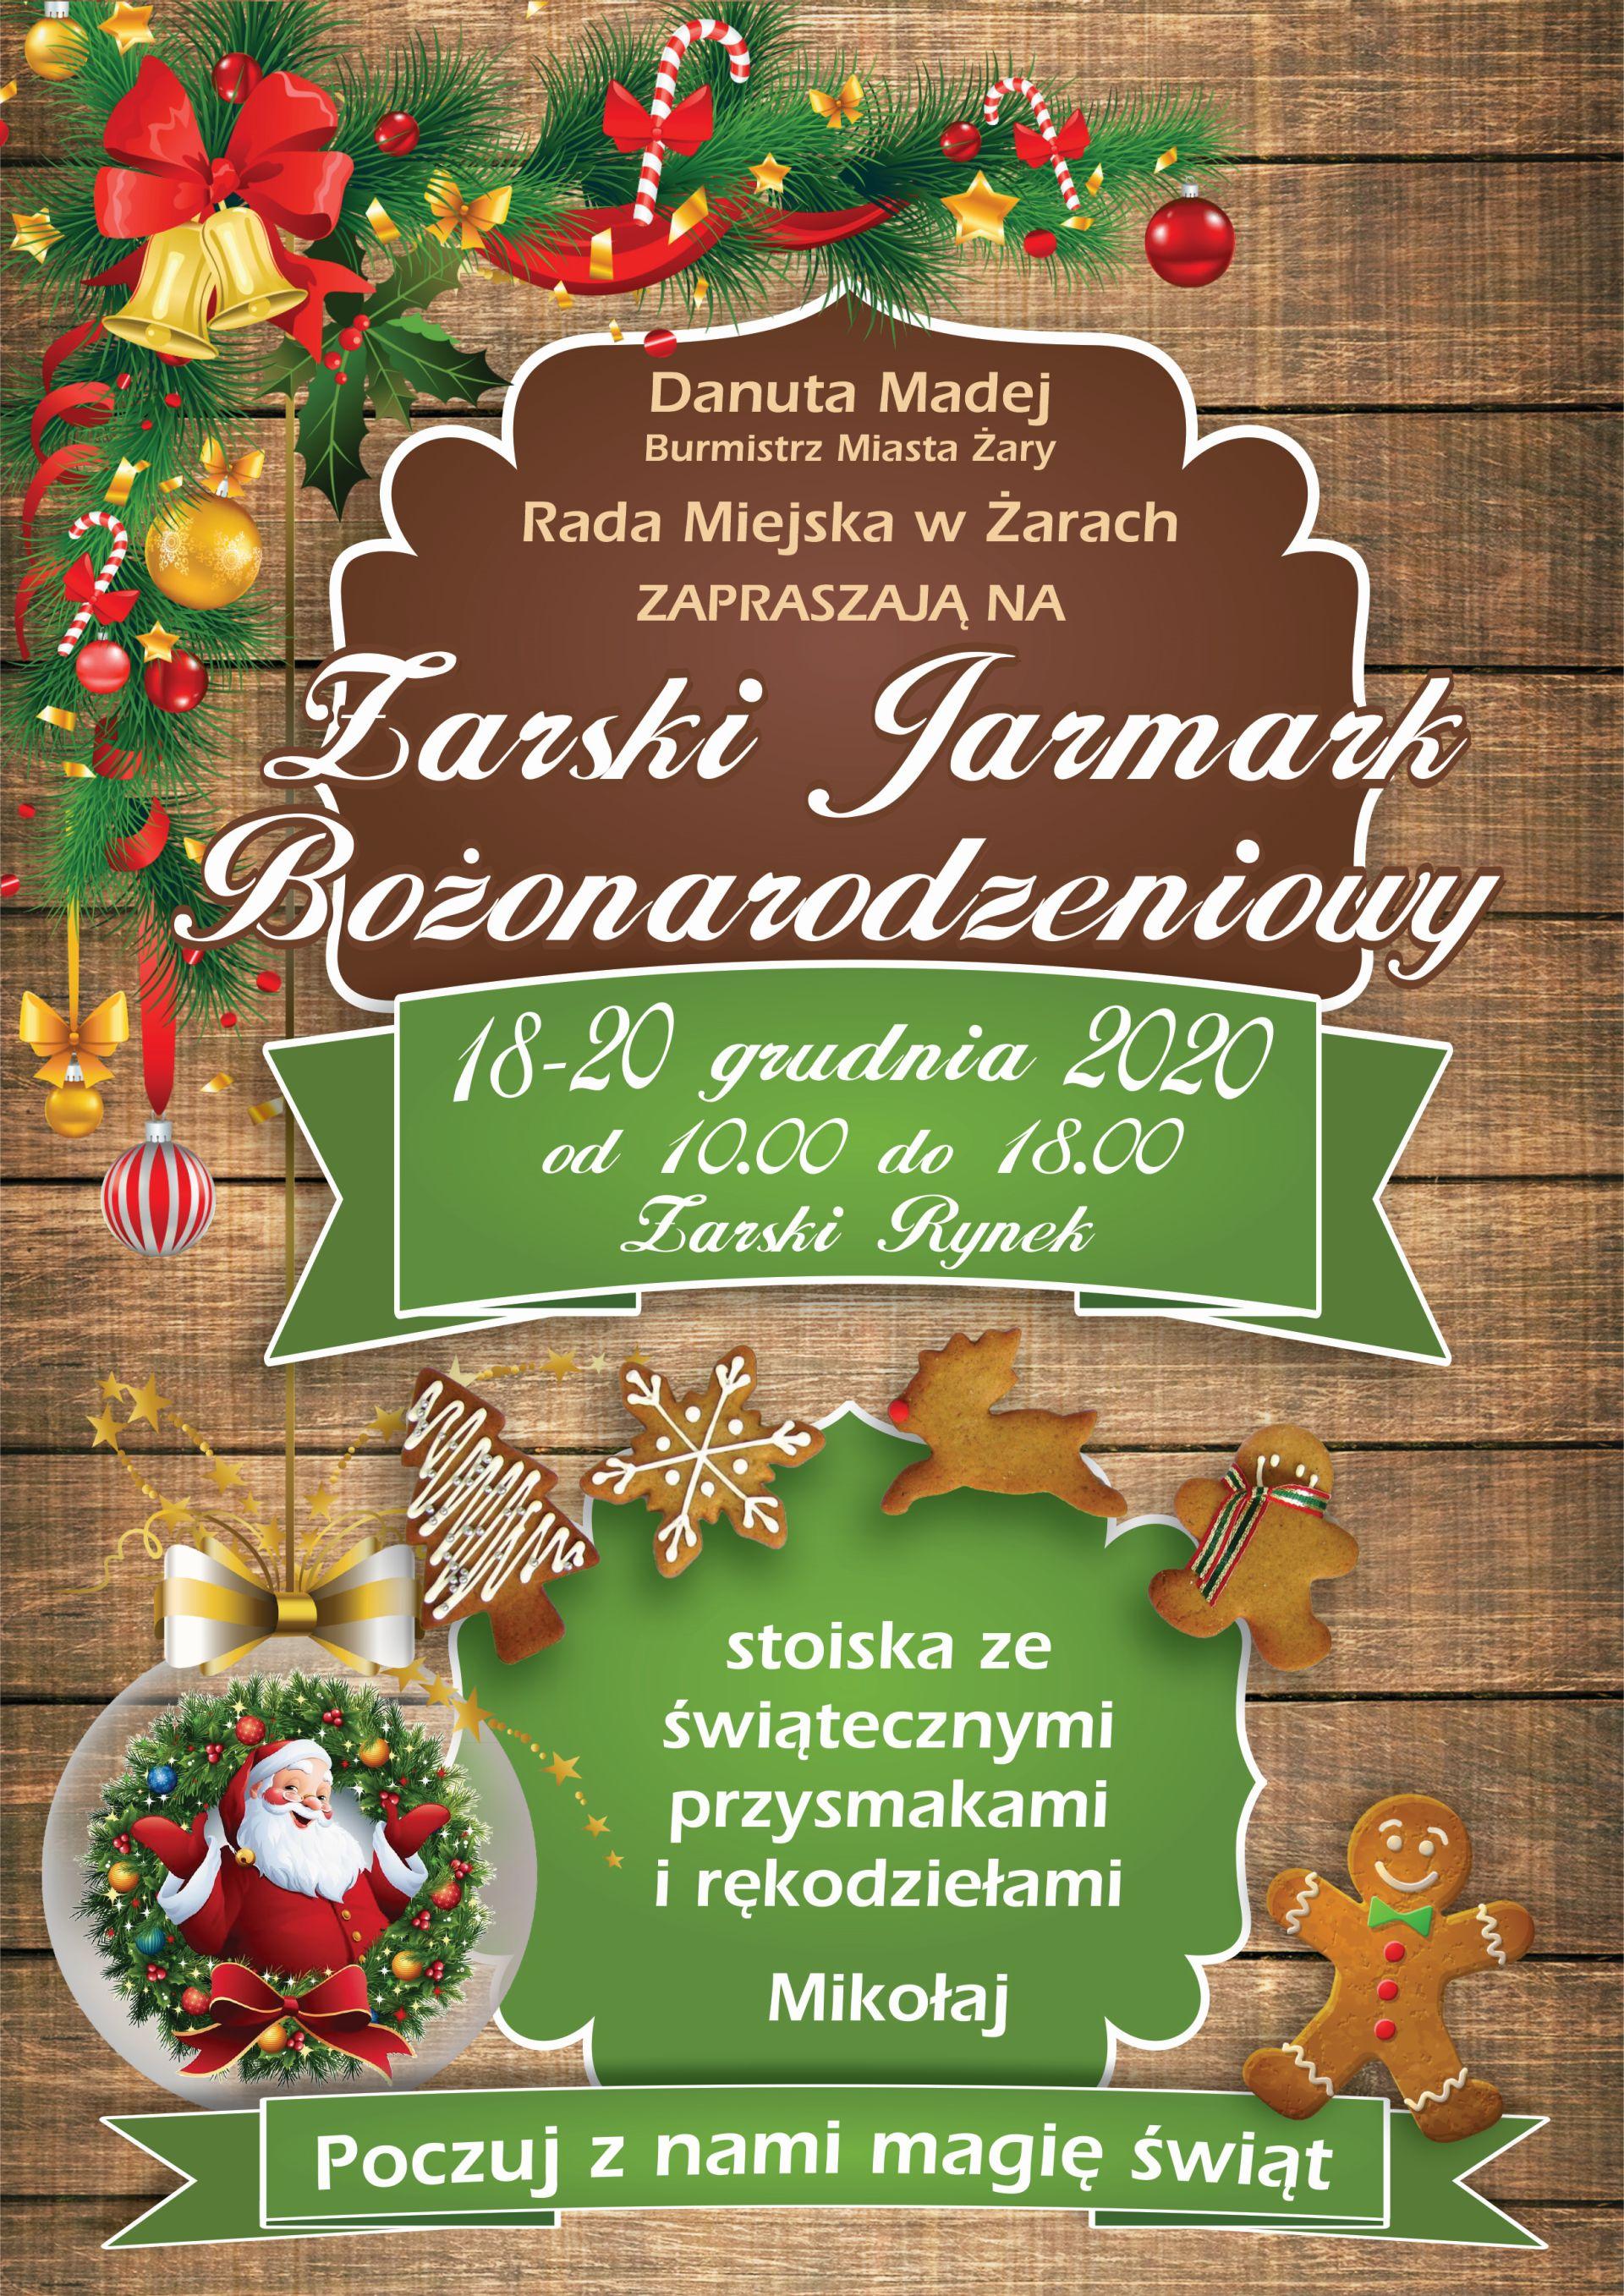 Ilustracja do informacji: Zapraszamy na coroczny Żarski Jarmark Bożonarodzeniowy. Poczuj z nami magię Świąt!